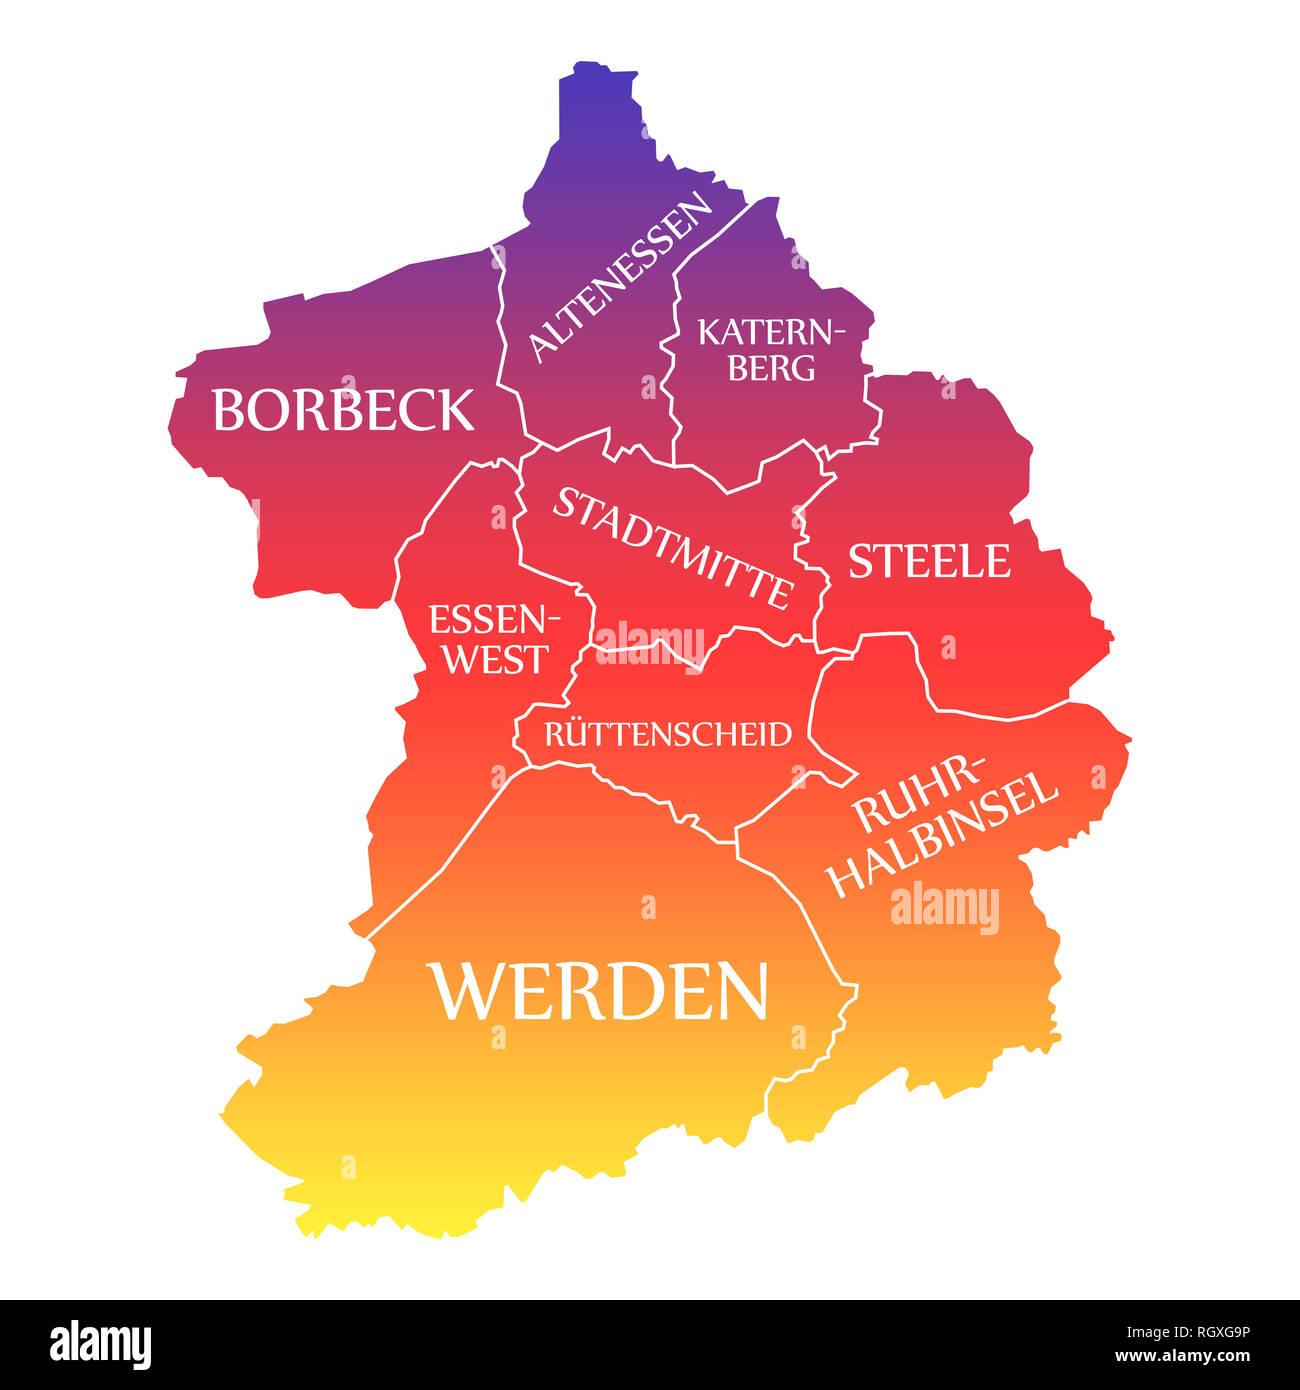 essen deutschland karte Essen City Map Germany DE labelled rainbow colored illustration